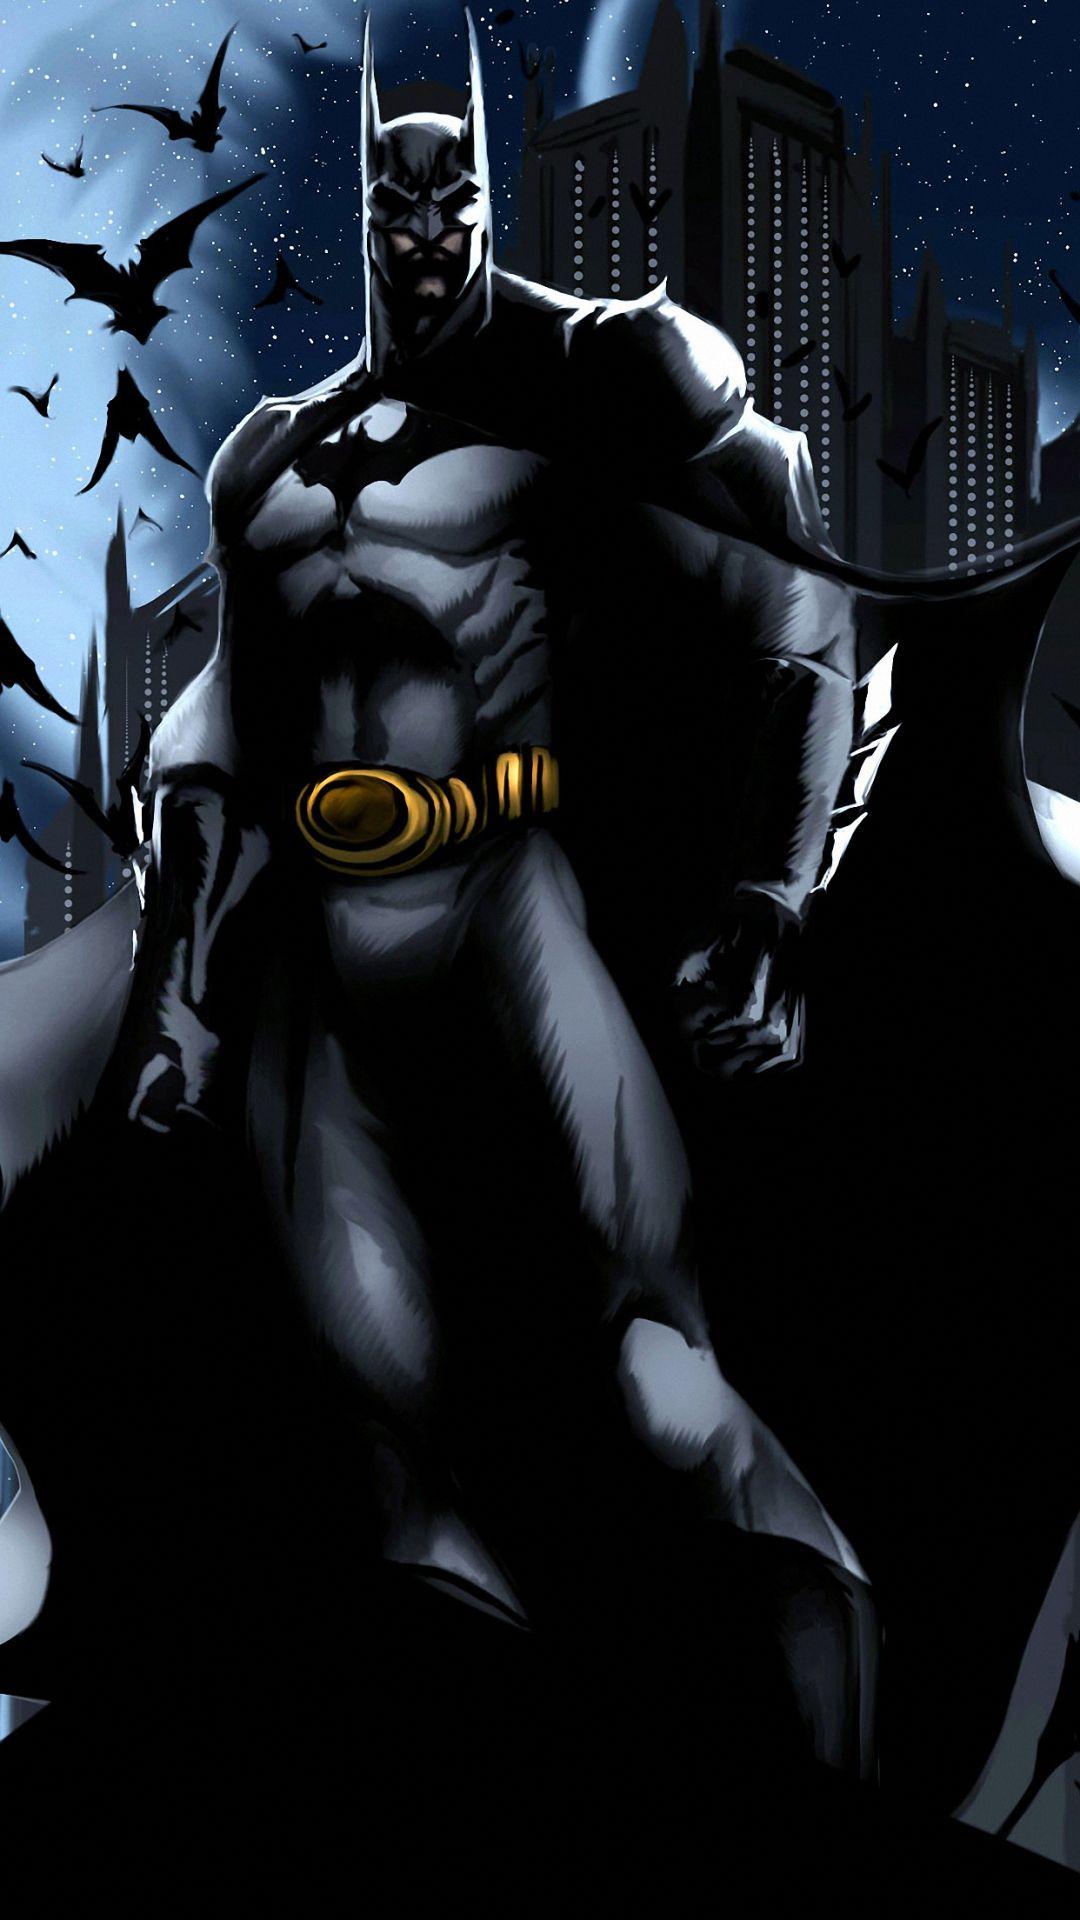 Batman Wallpaper For Iphone Batmanwallpaperforiphone With